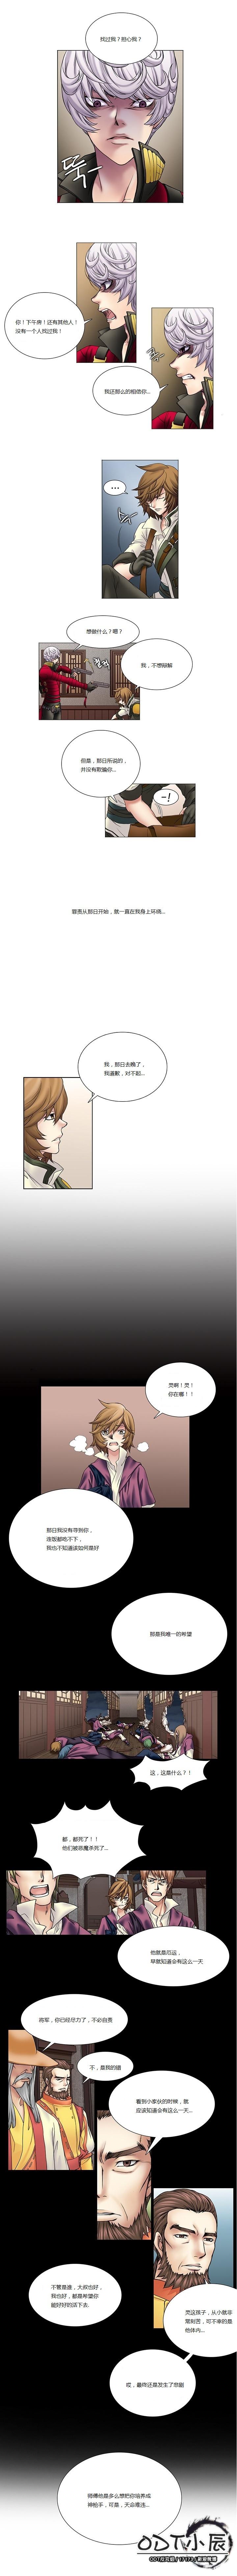 官方漫画《骛天鬼》第2话(6).jpg